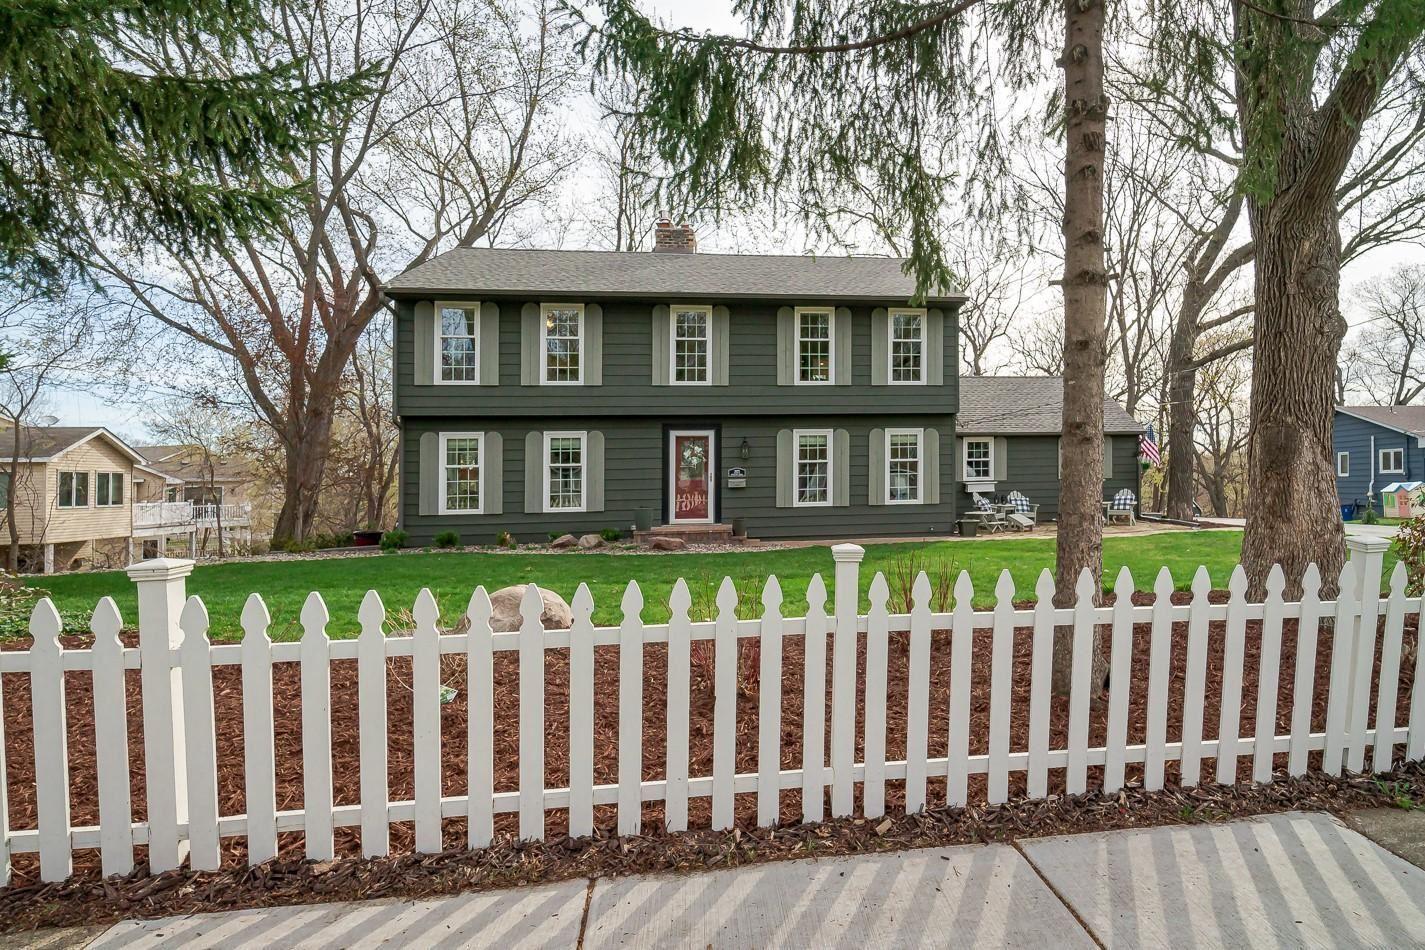 Photo of 2171 Overlook Drive, Bloomington, MN 55431 (MLS # 5742157)